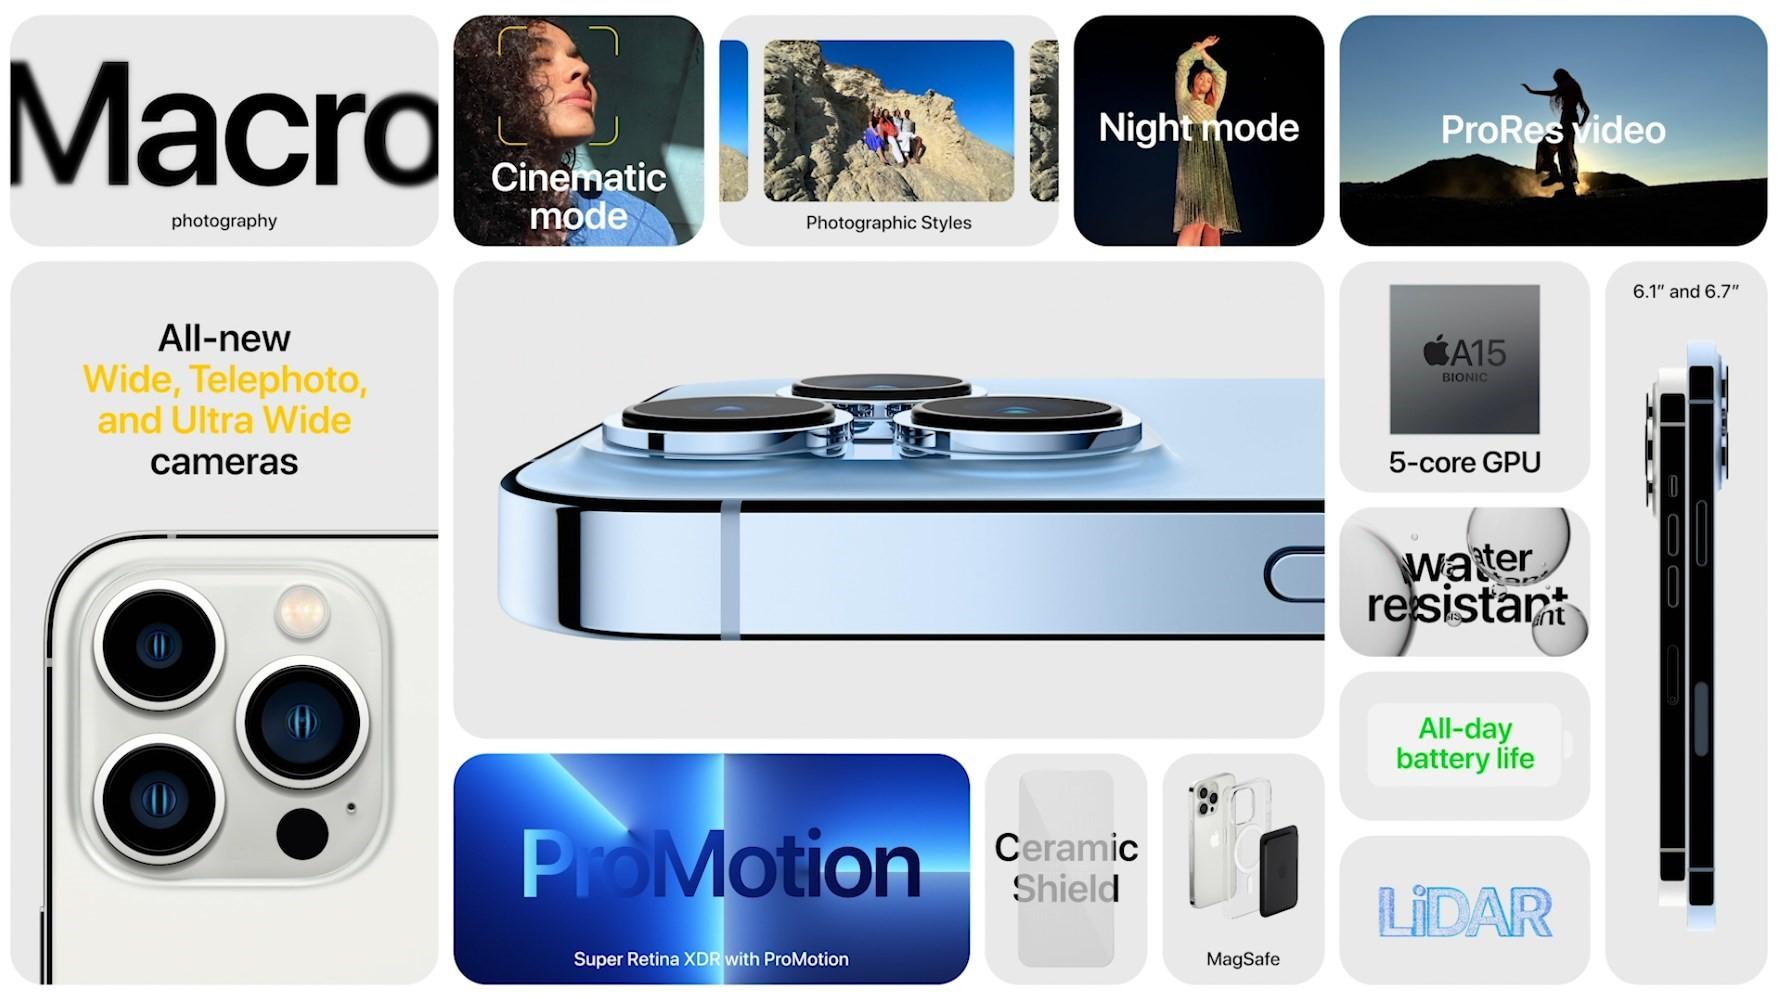 Az Apple bemutatta az iPhone 13 Pro és Pro Max mobiltelefonokat